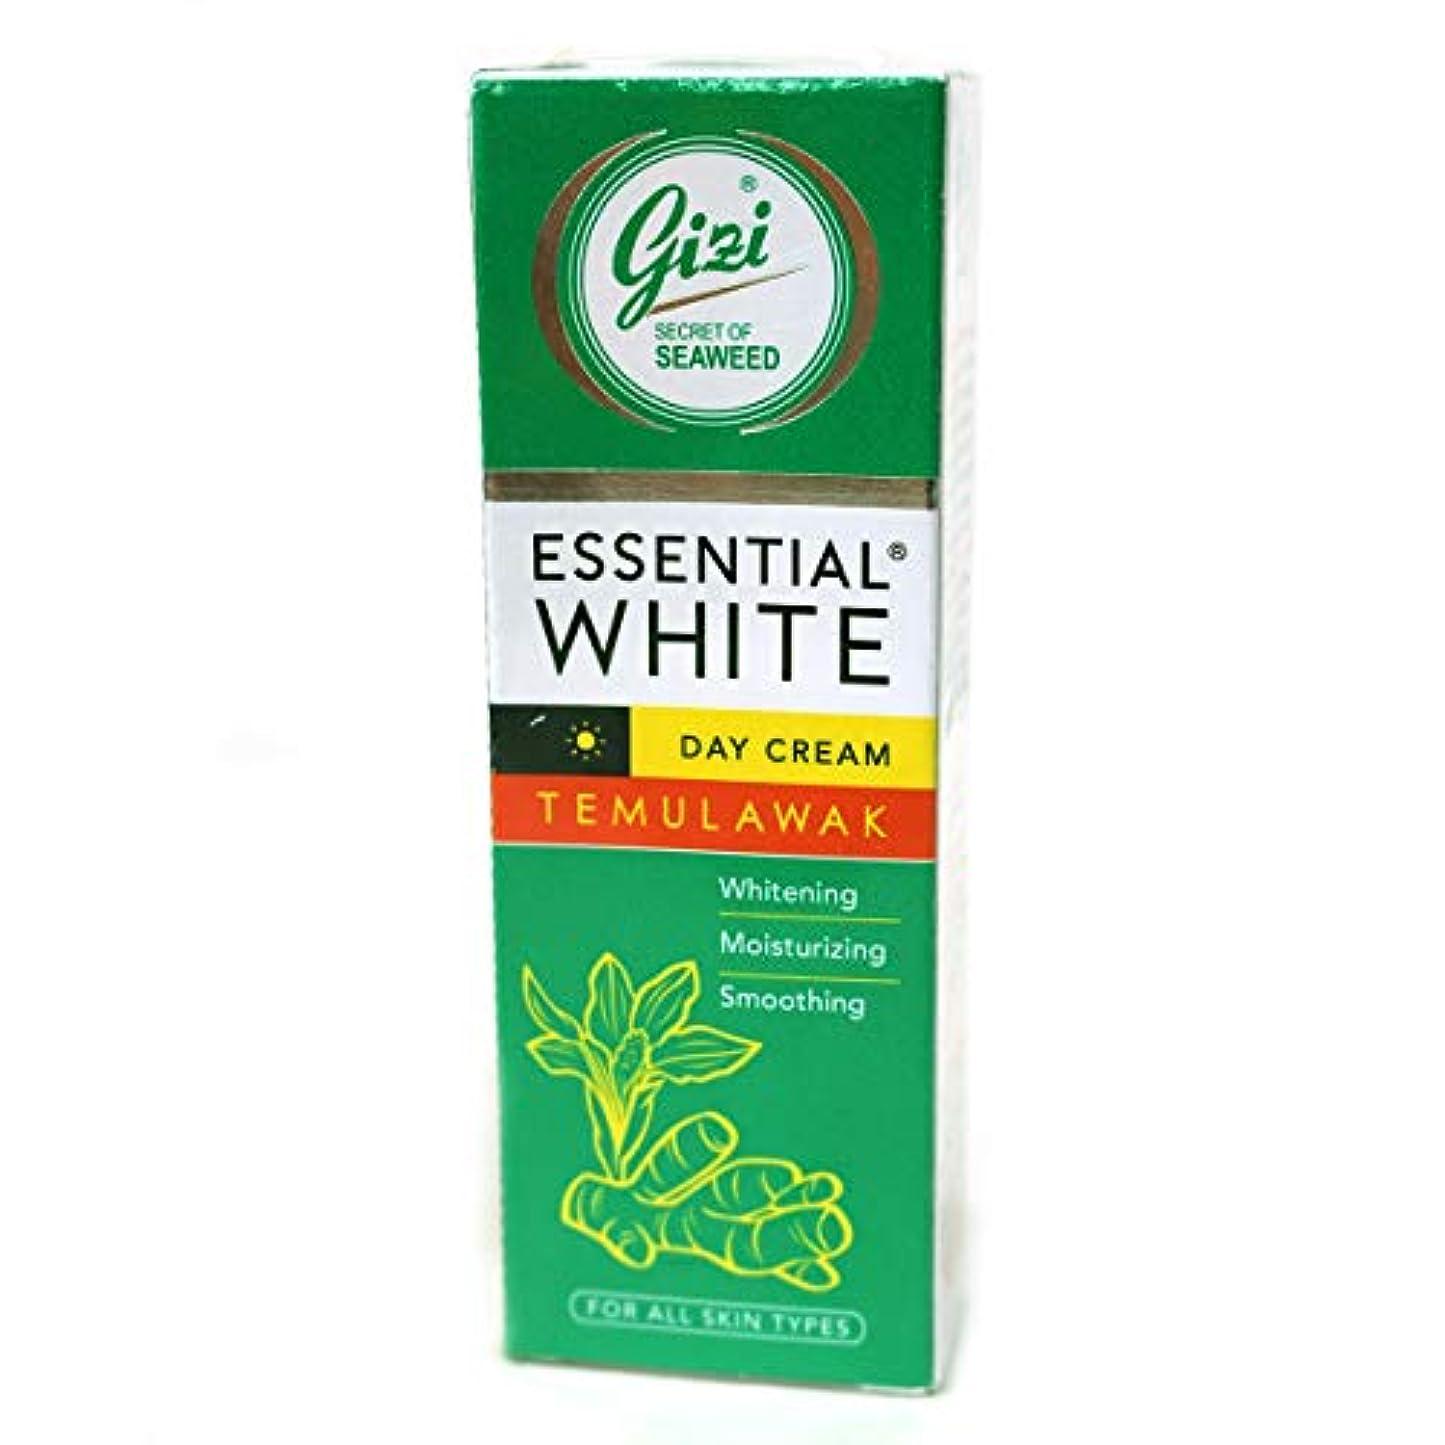 幻影結果として発生するギジ gizi Essential White 日中用スキンケアクリーム チューブタイプ 18g テムラワク ウコン など天然成分配合 [海外直送品]